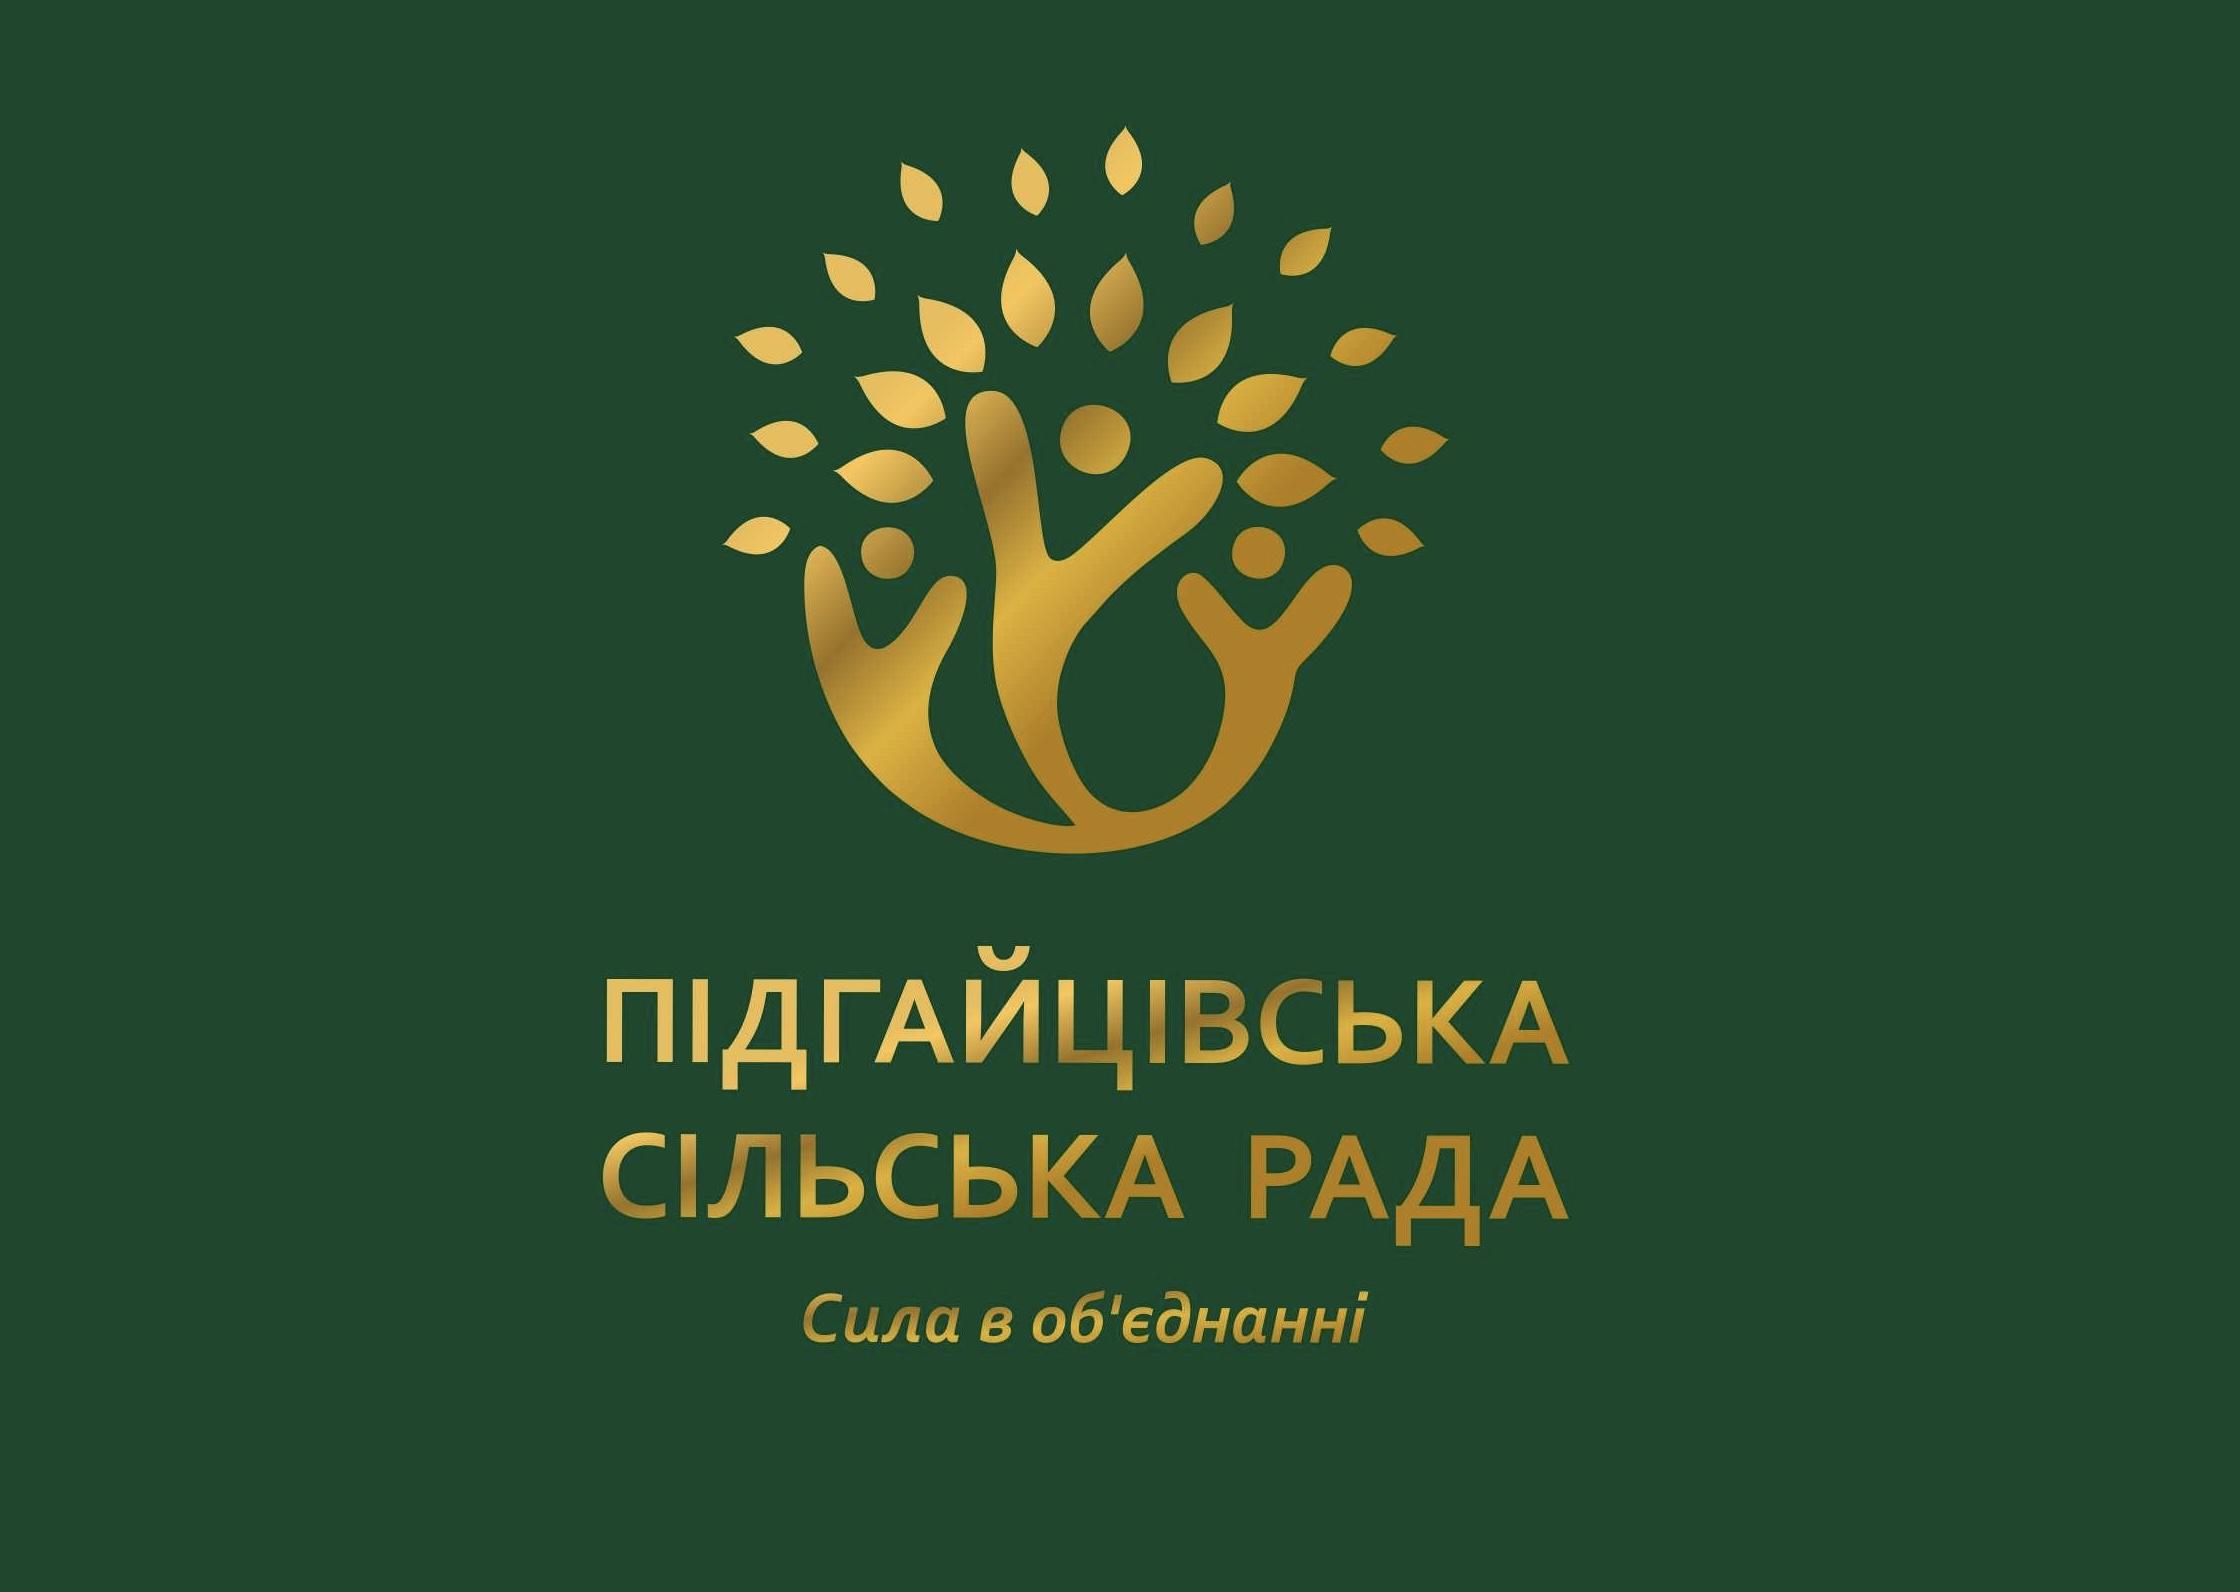 Оголошення про скликання дев'ятої позачергової сесії Підгайцівської сільської ради